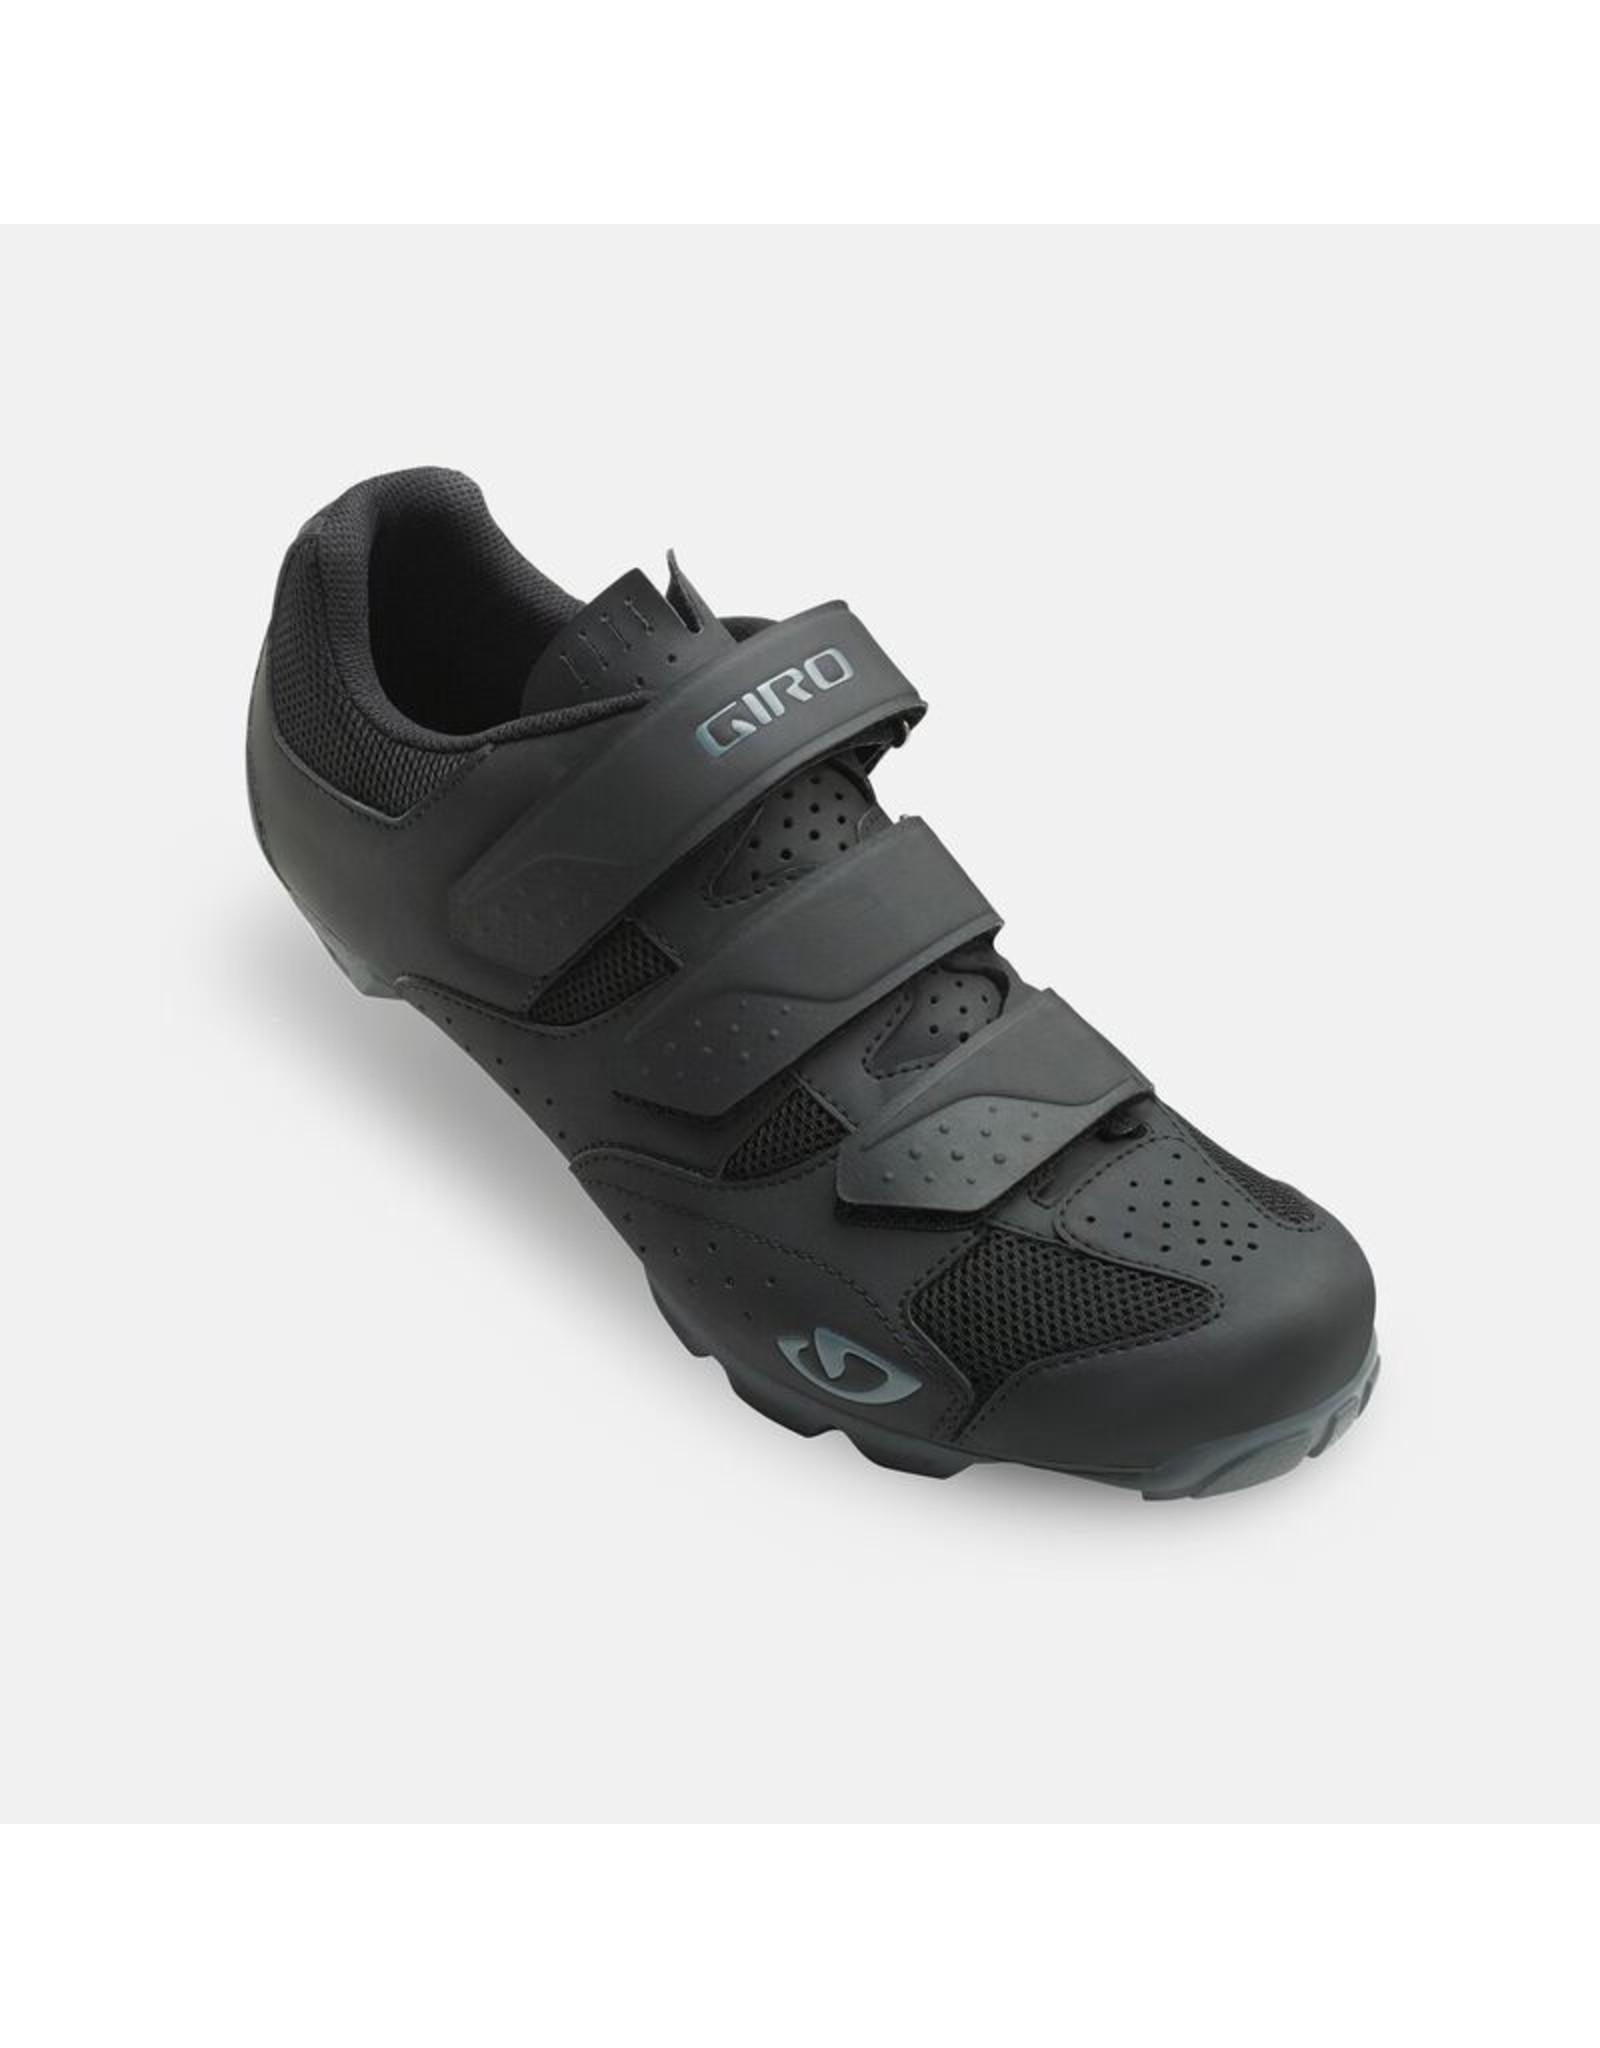 Giro Giro Carbide RII Cycling Shoe